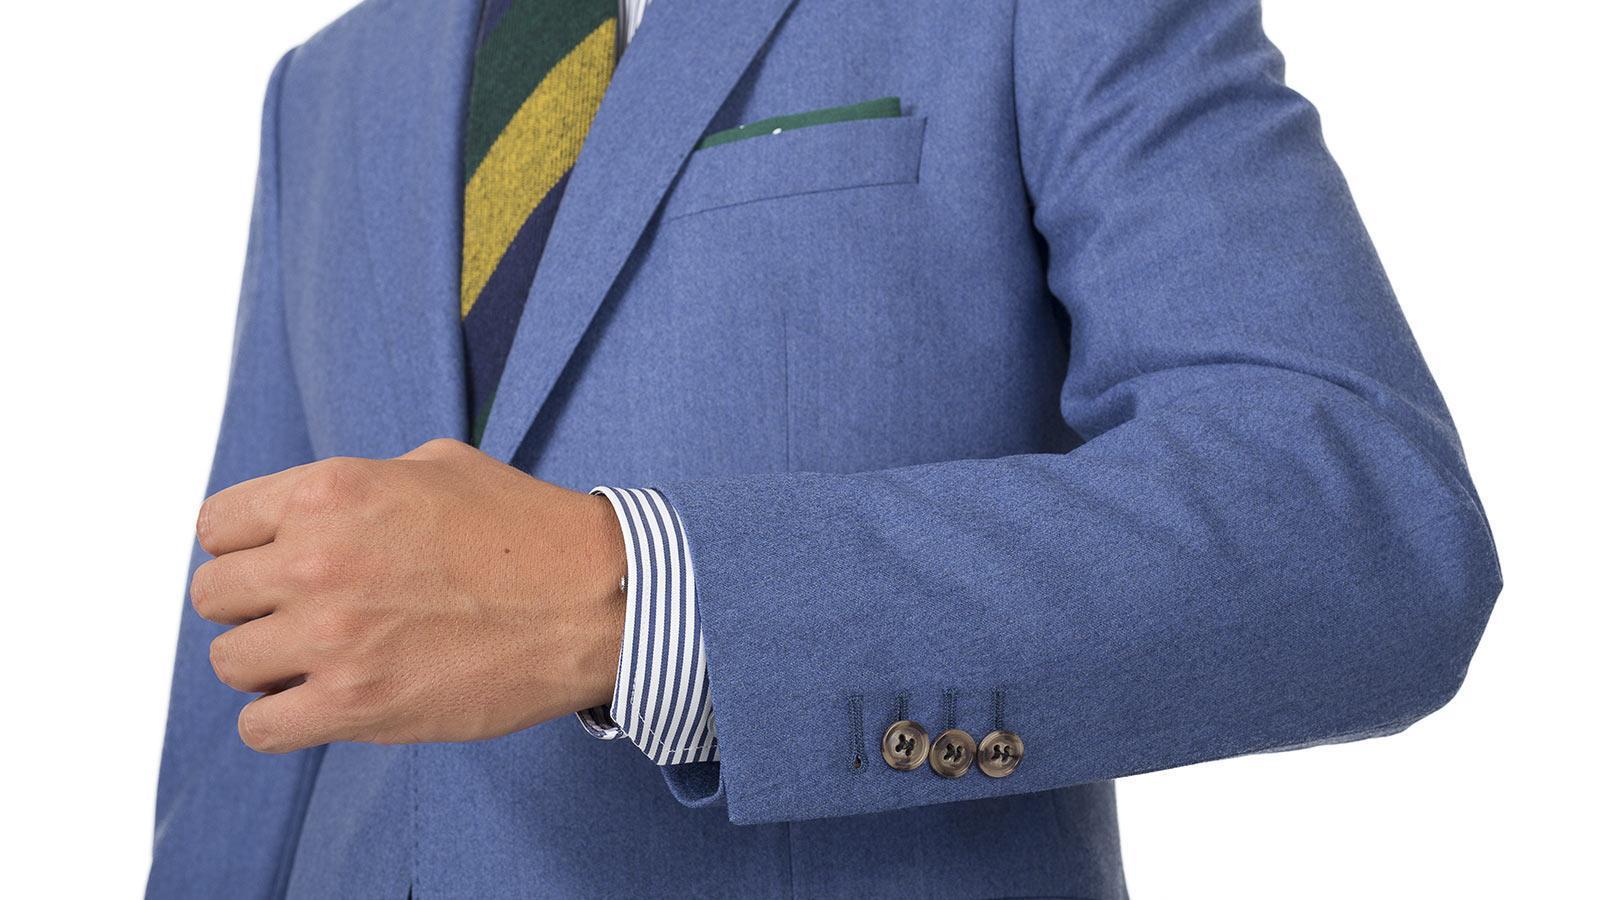 Sky Blue Flannel Suit - slider image 1